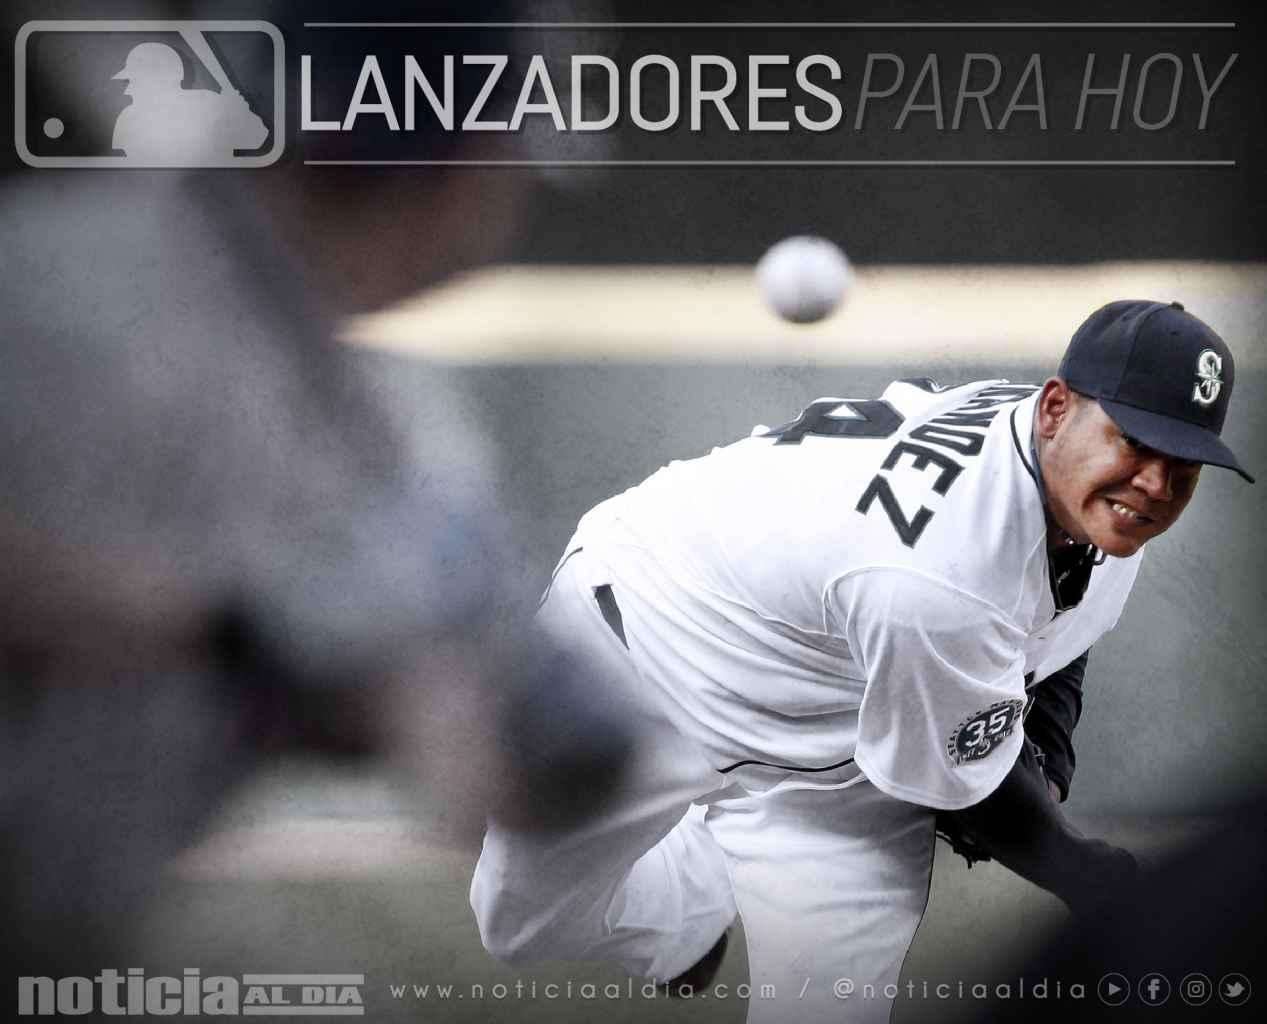 LANZADORES-02-1-1.jpg